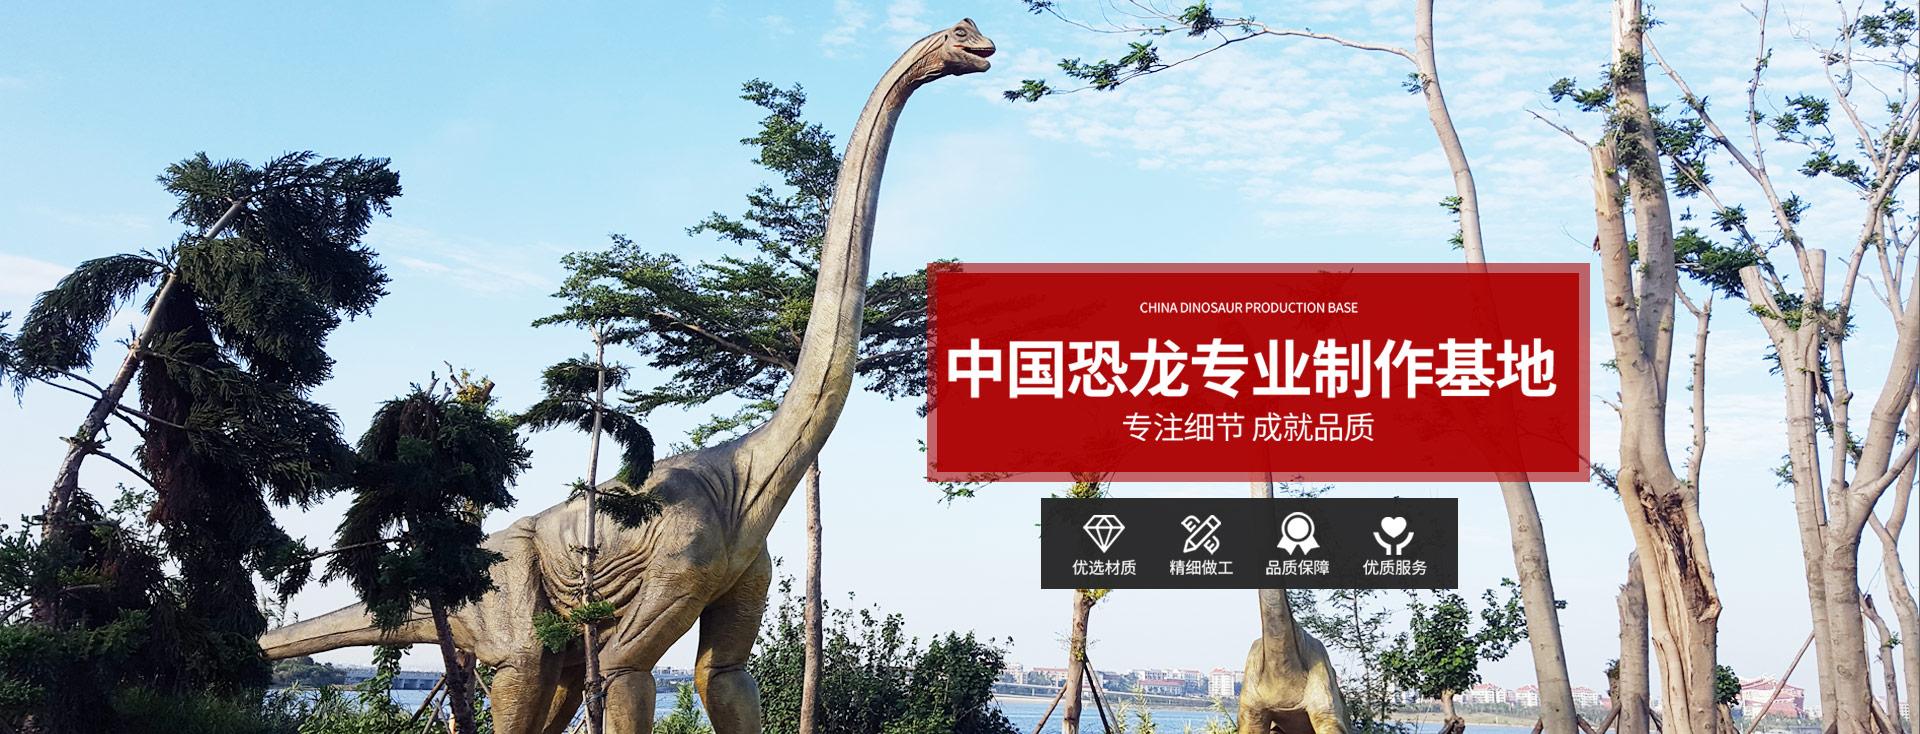 中国仿真恐龙专业制作基地